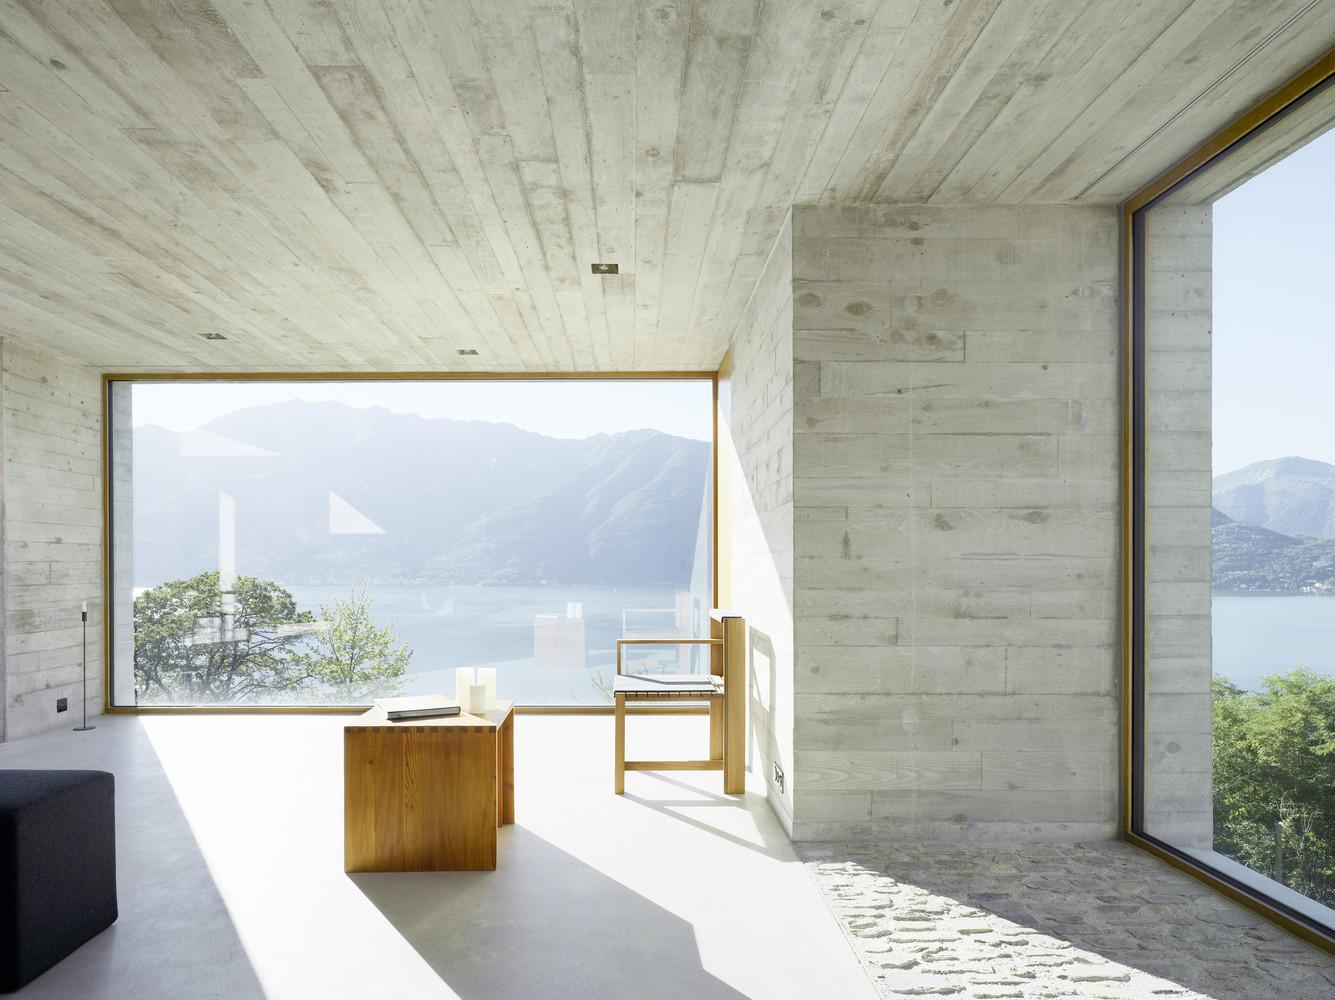 New Concrete House,© Hannes Henz